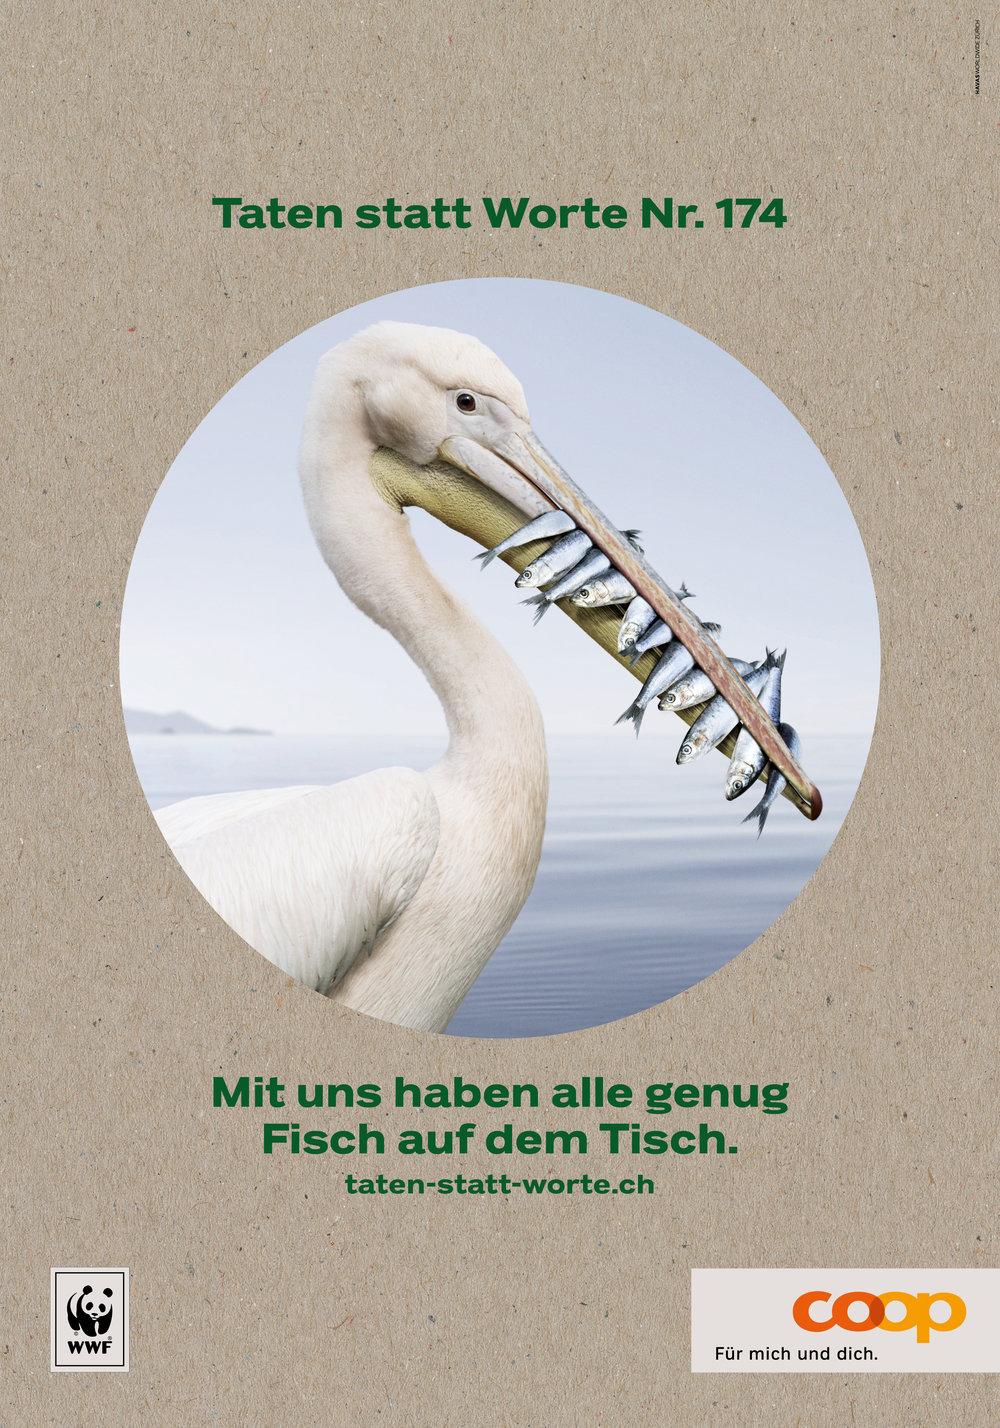 Coop Plakate F4 Taten de X3_D.jpg